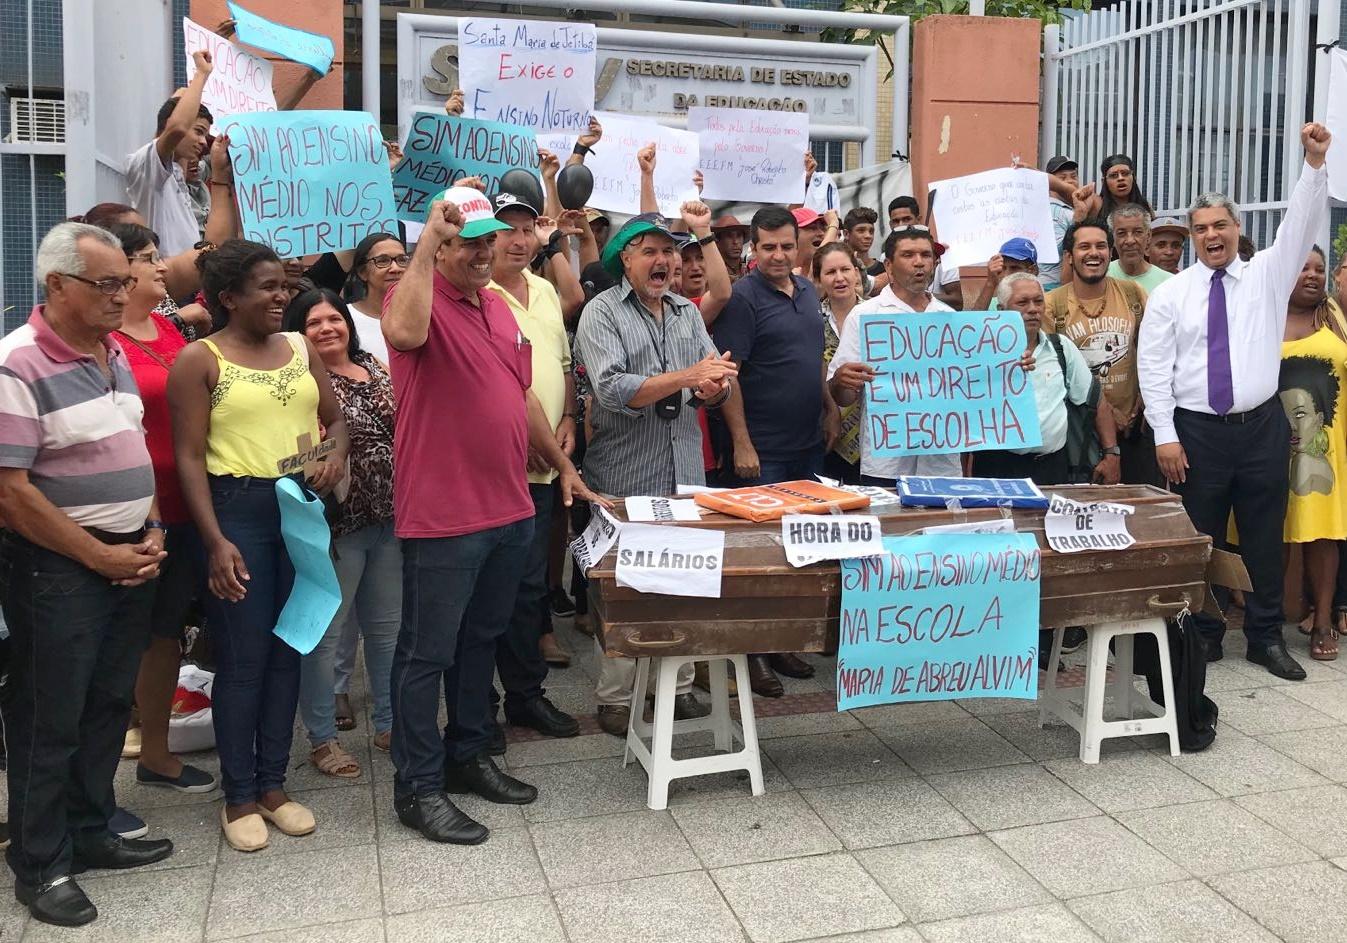 Sinasefe Seção Ifes participa da luta contra o fechamento de escolas no interior do Estado (1)